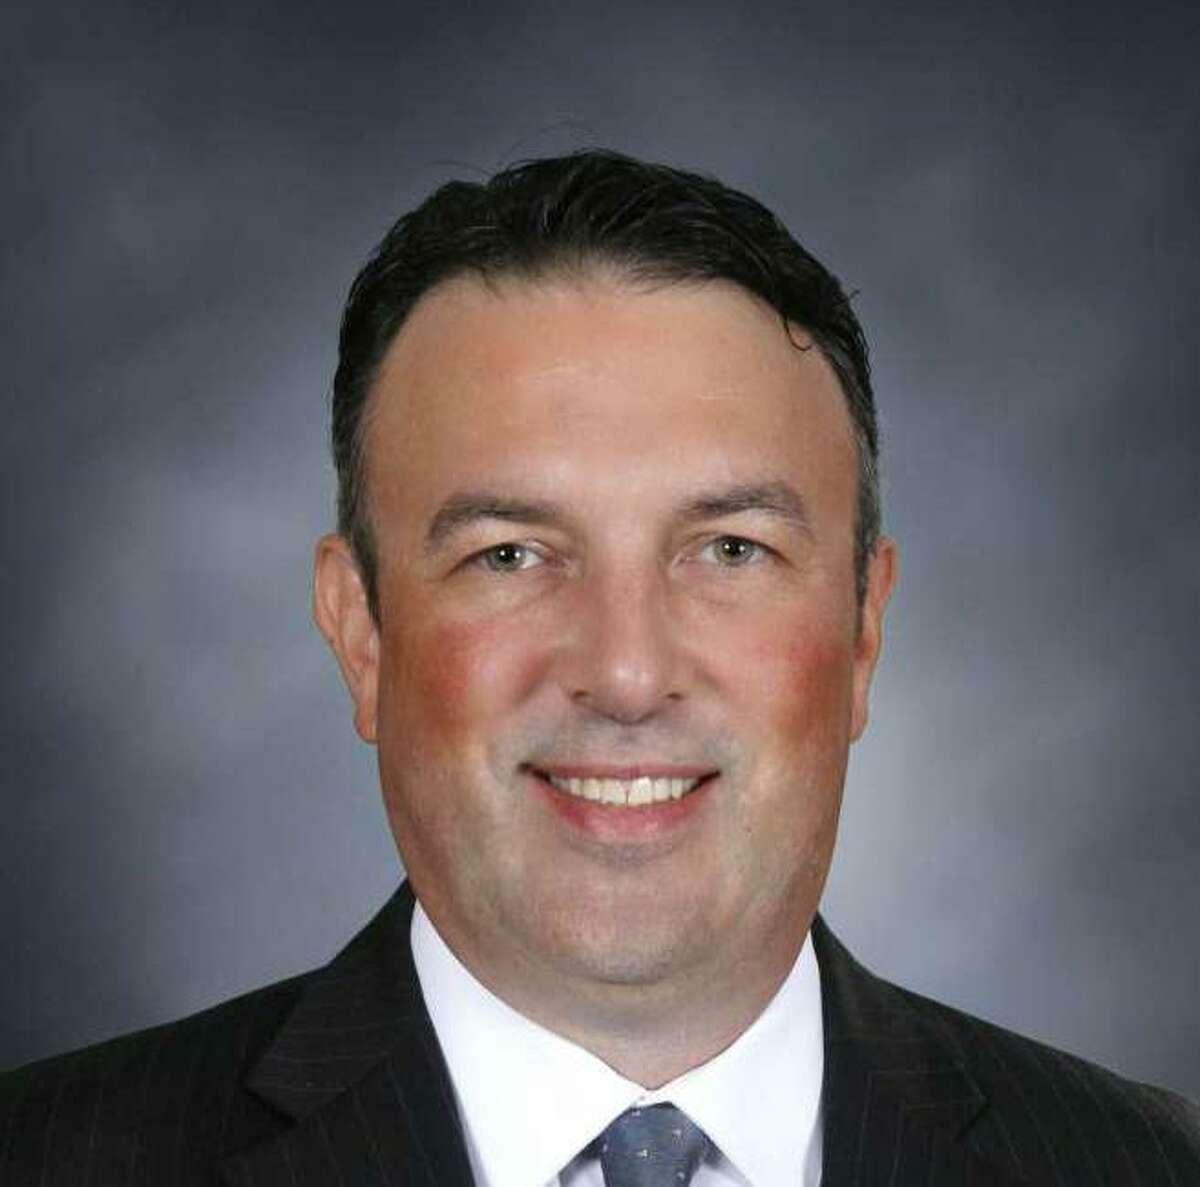 Bryan Meek